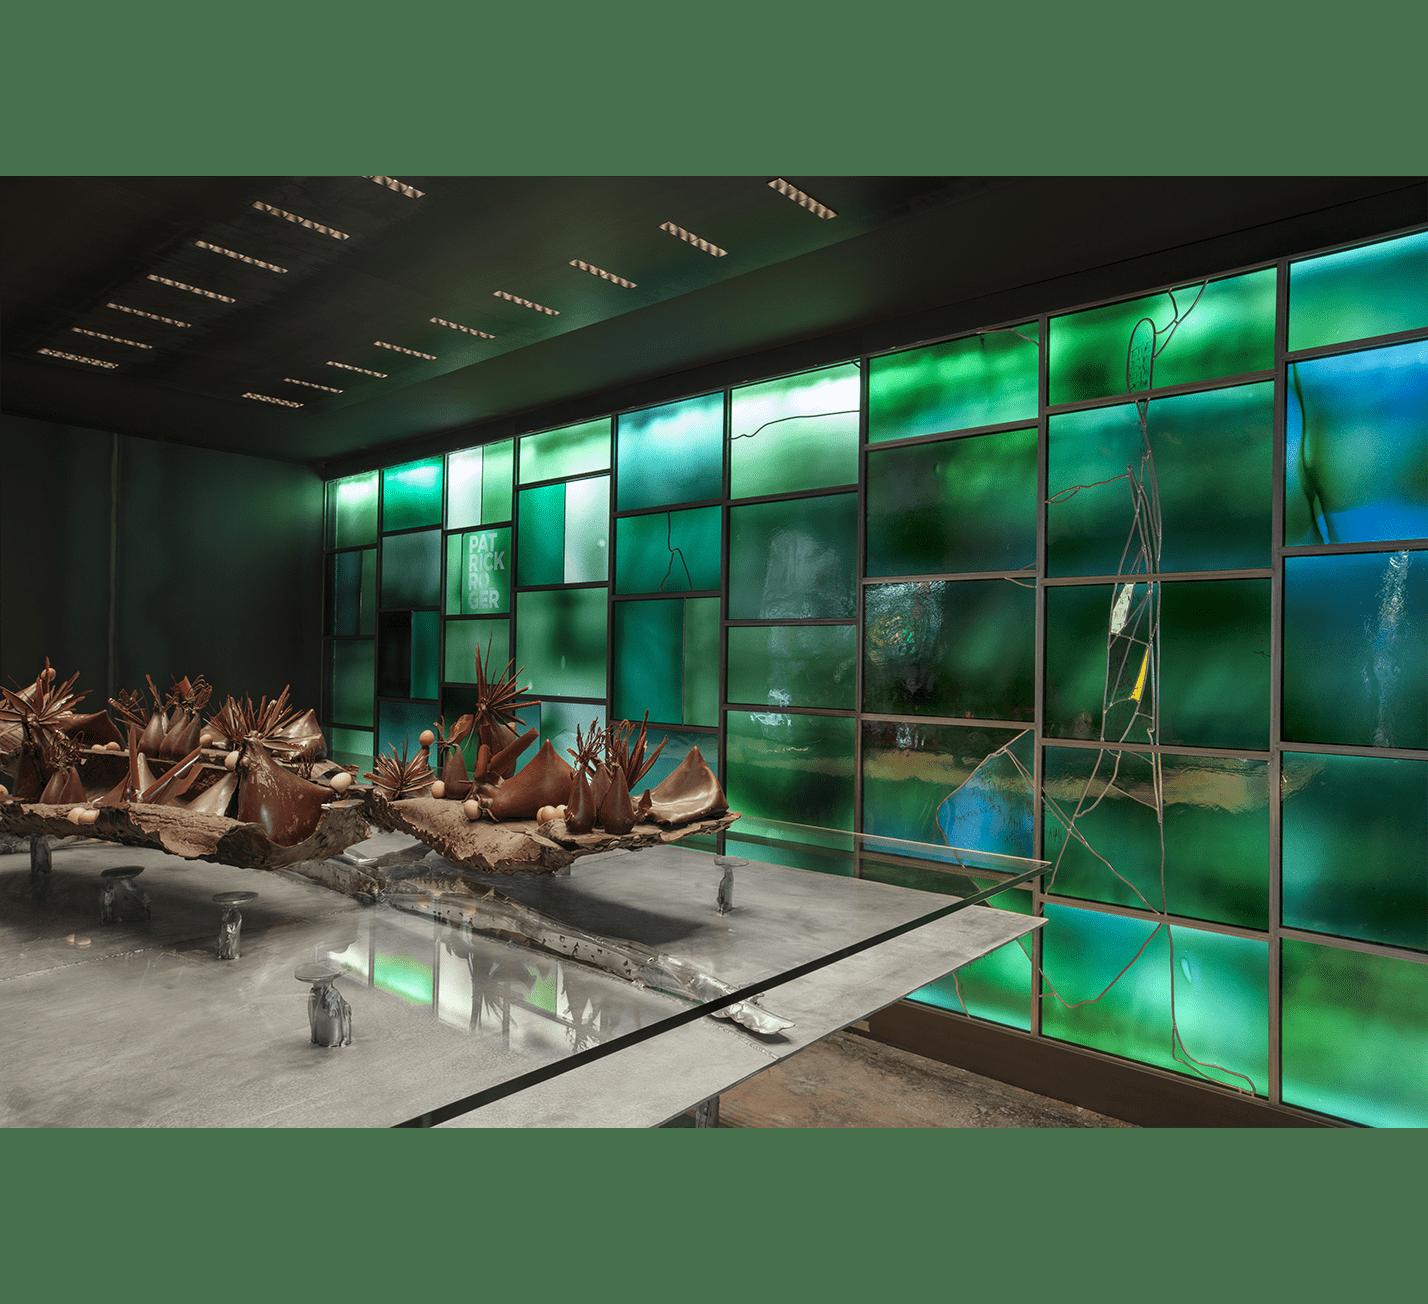 Projet-Patrick-Roger-Atelier-Steve-Pauline-Borgia-Architecture-interieur-03-min